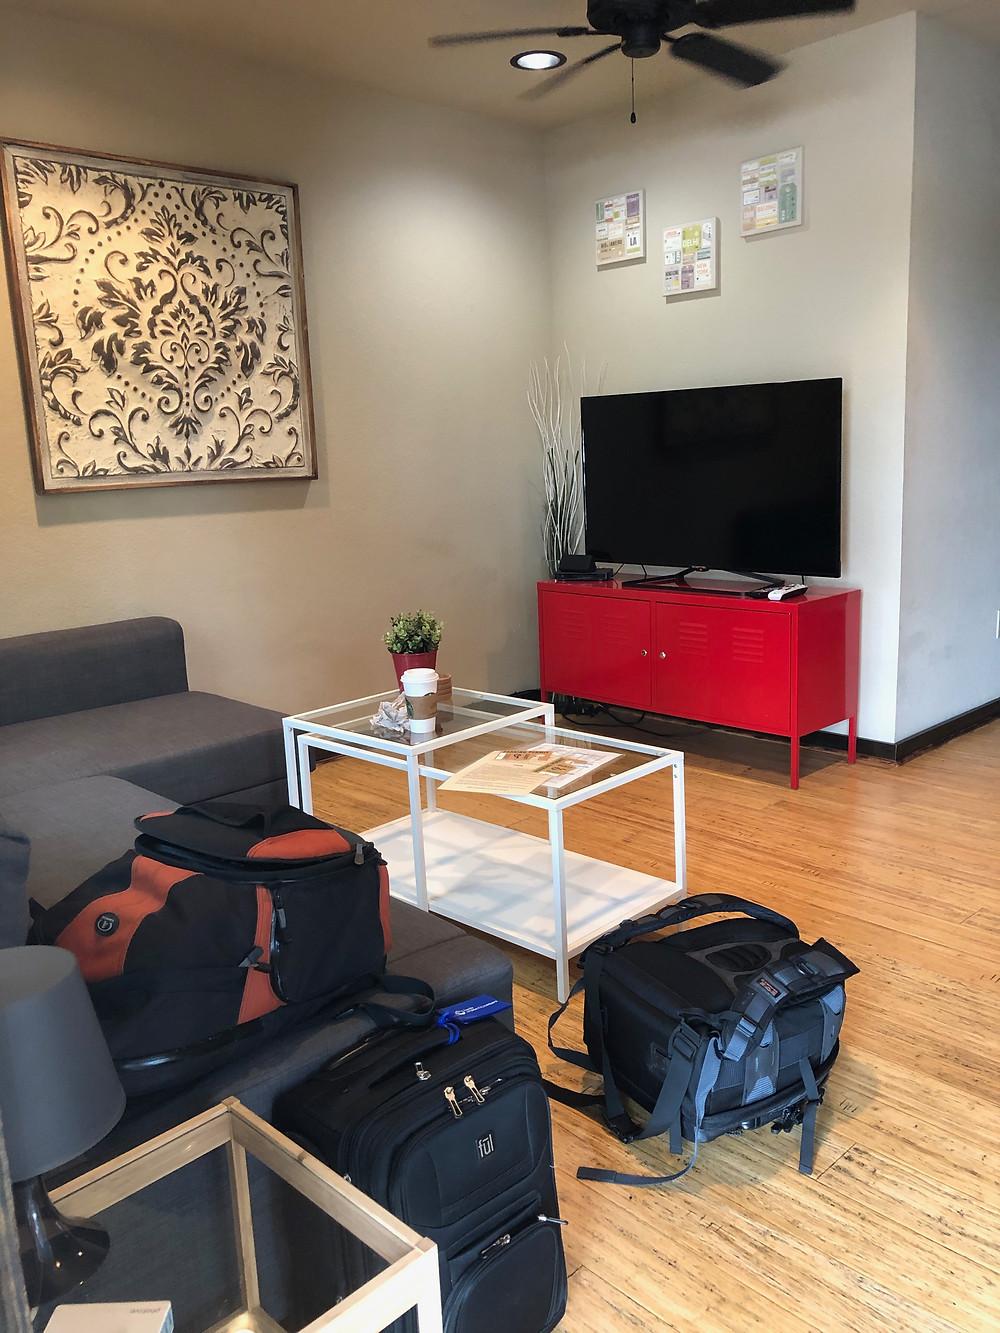 Nice little living room